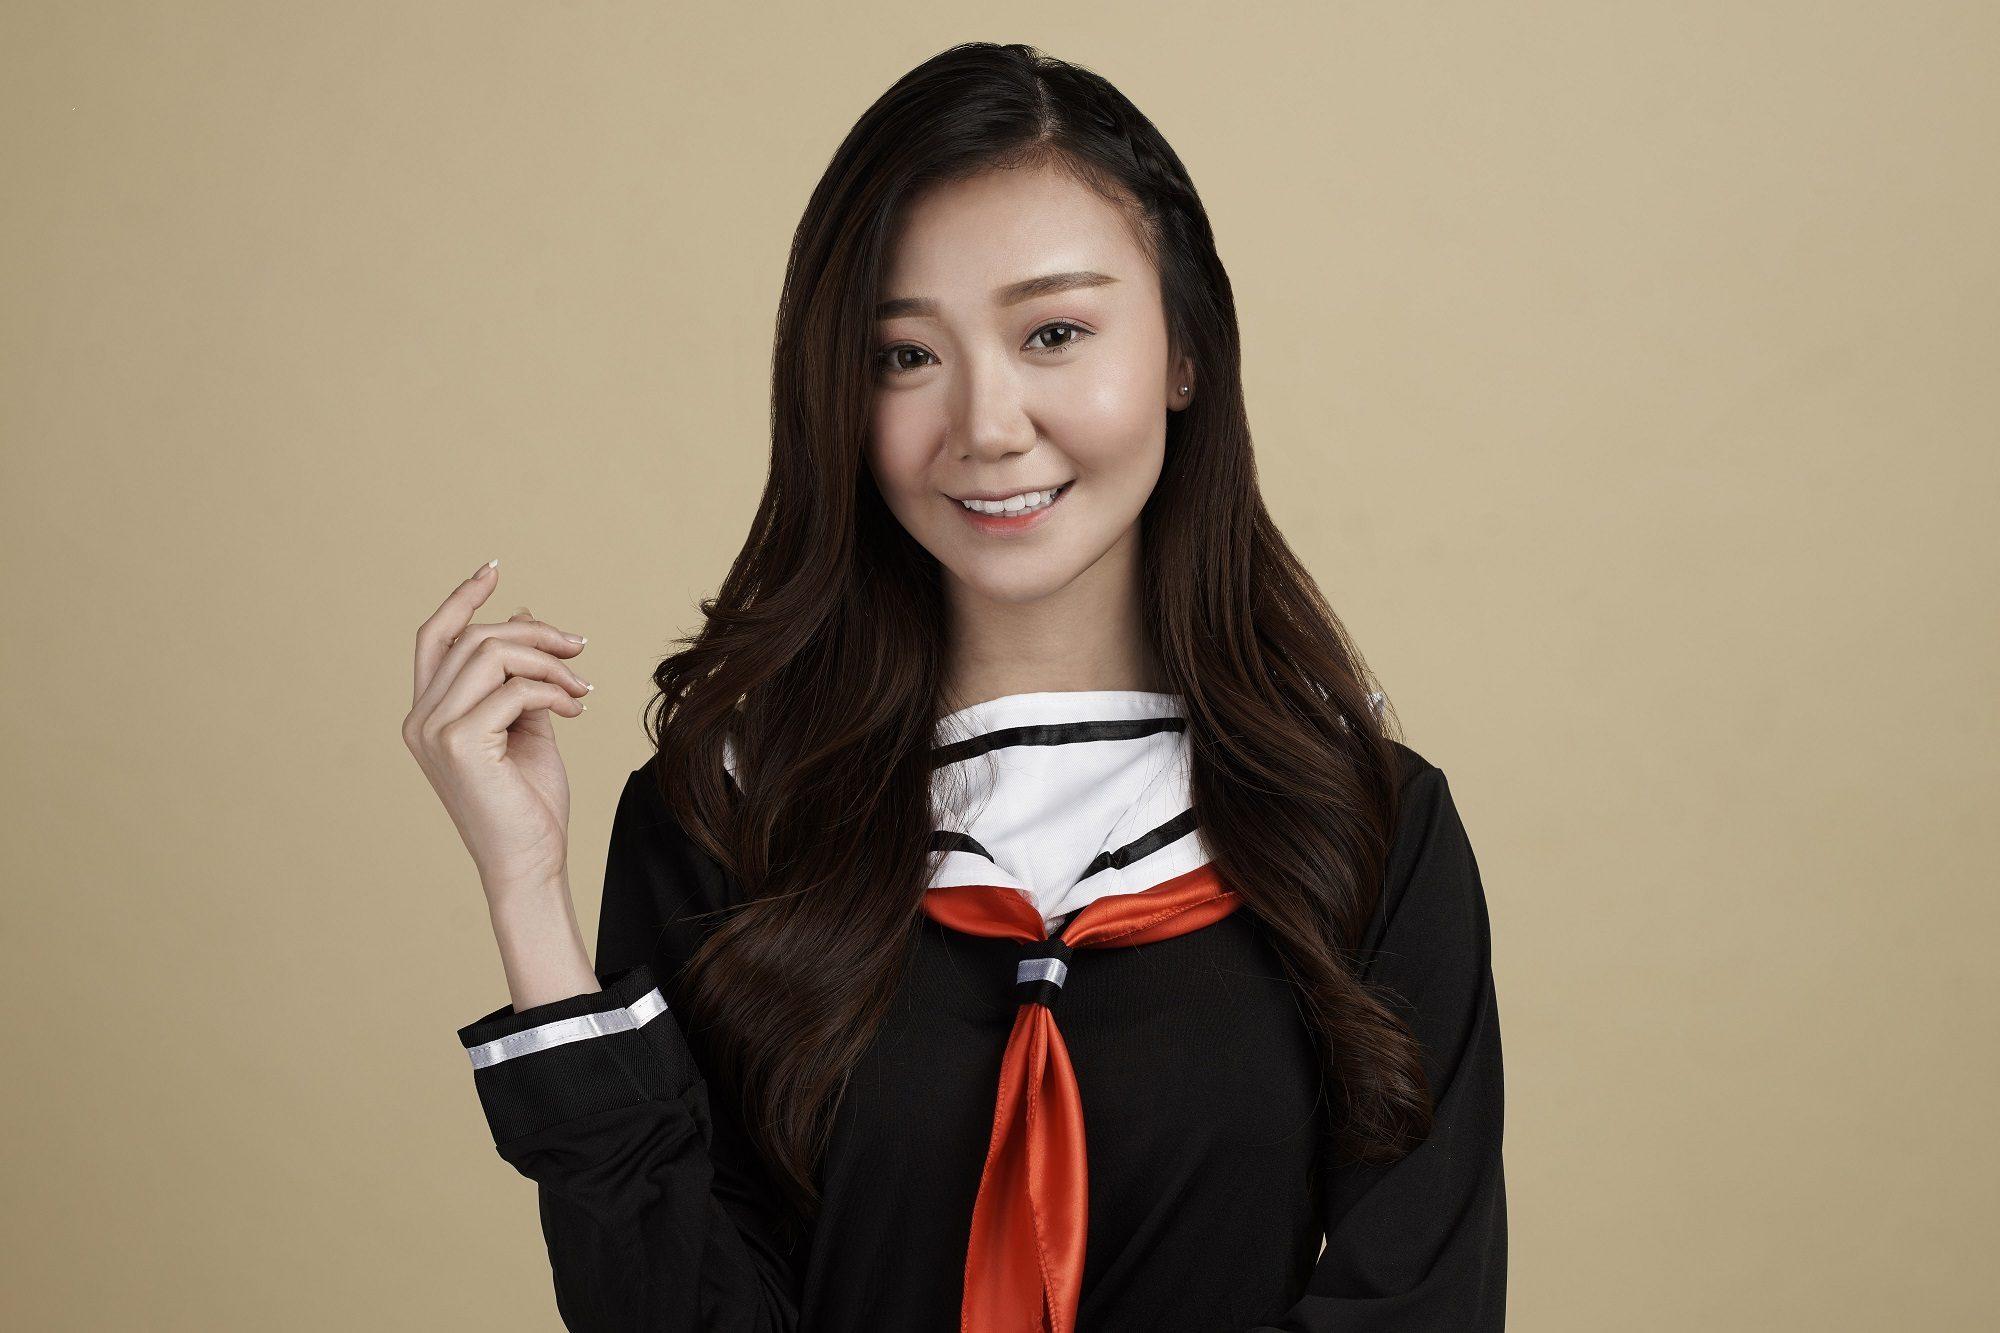 Wanita asia dengan model rambut kepang side line braid